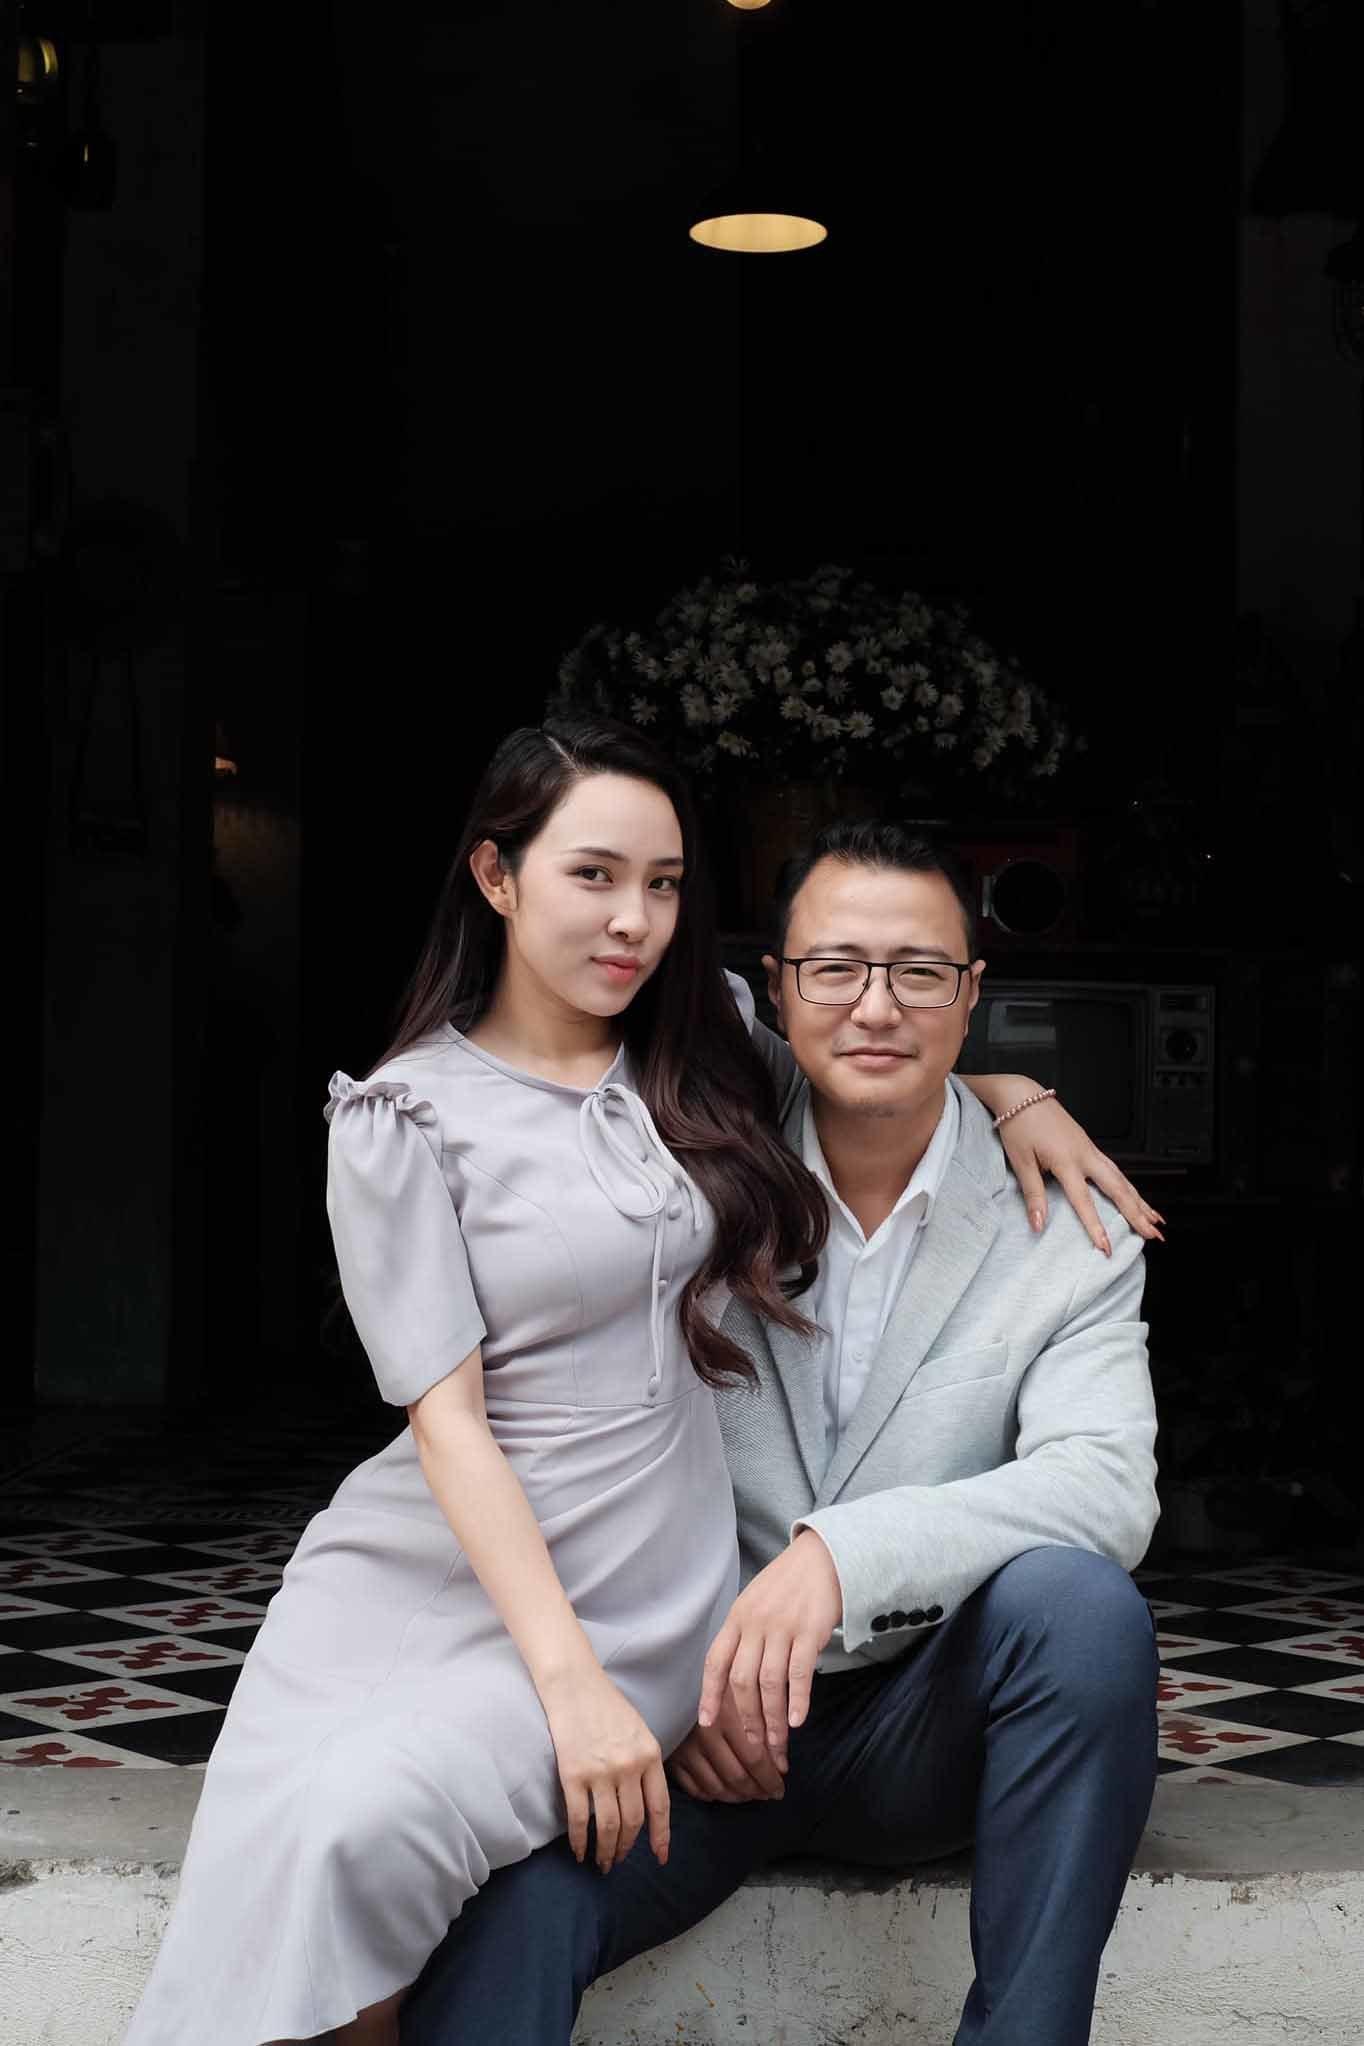 Bảo Trâm Idol hạnh phúc, quyến rũ bên người chồng đẹp trai